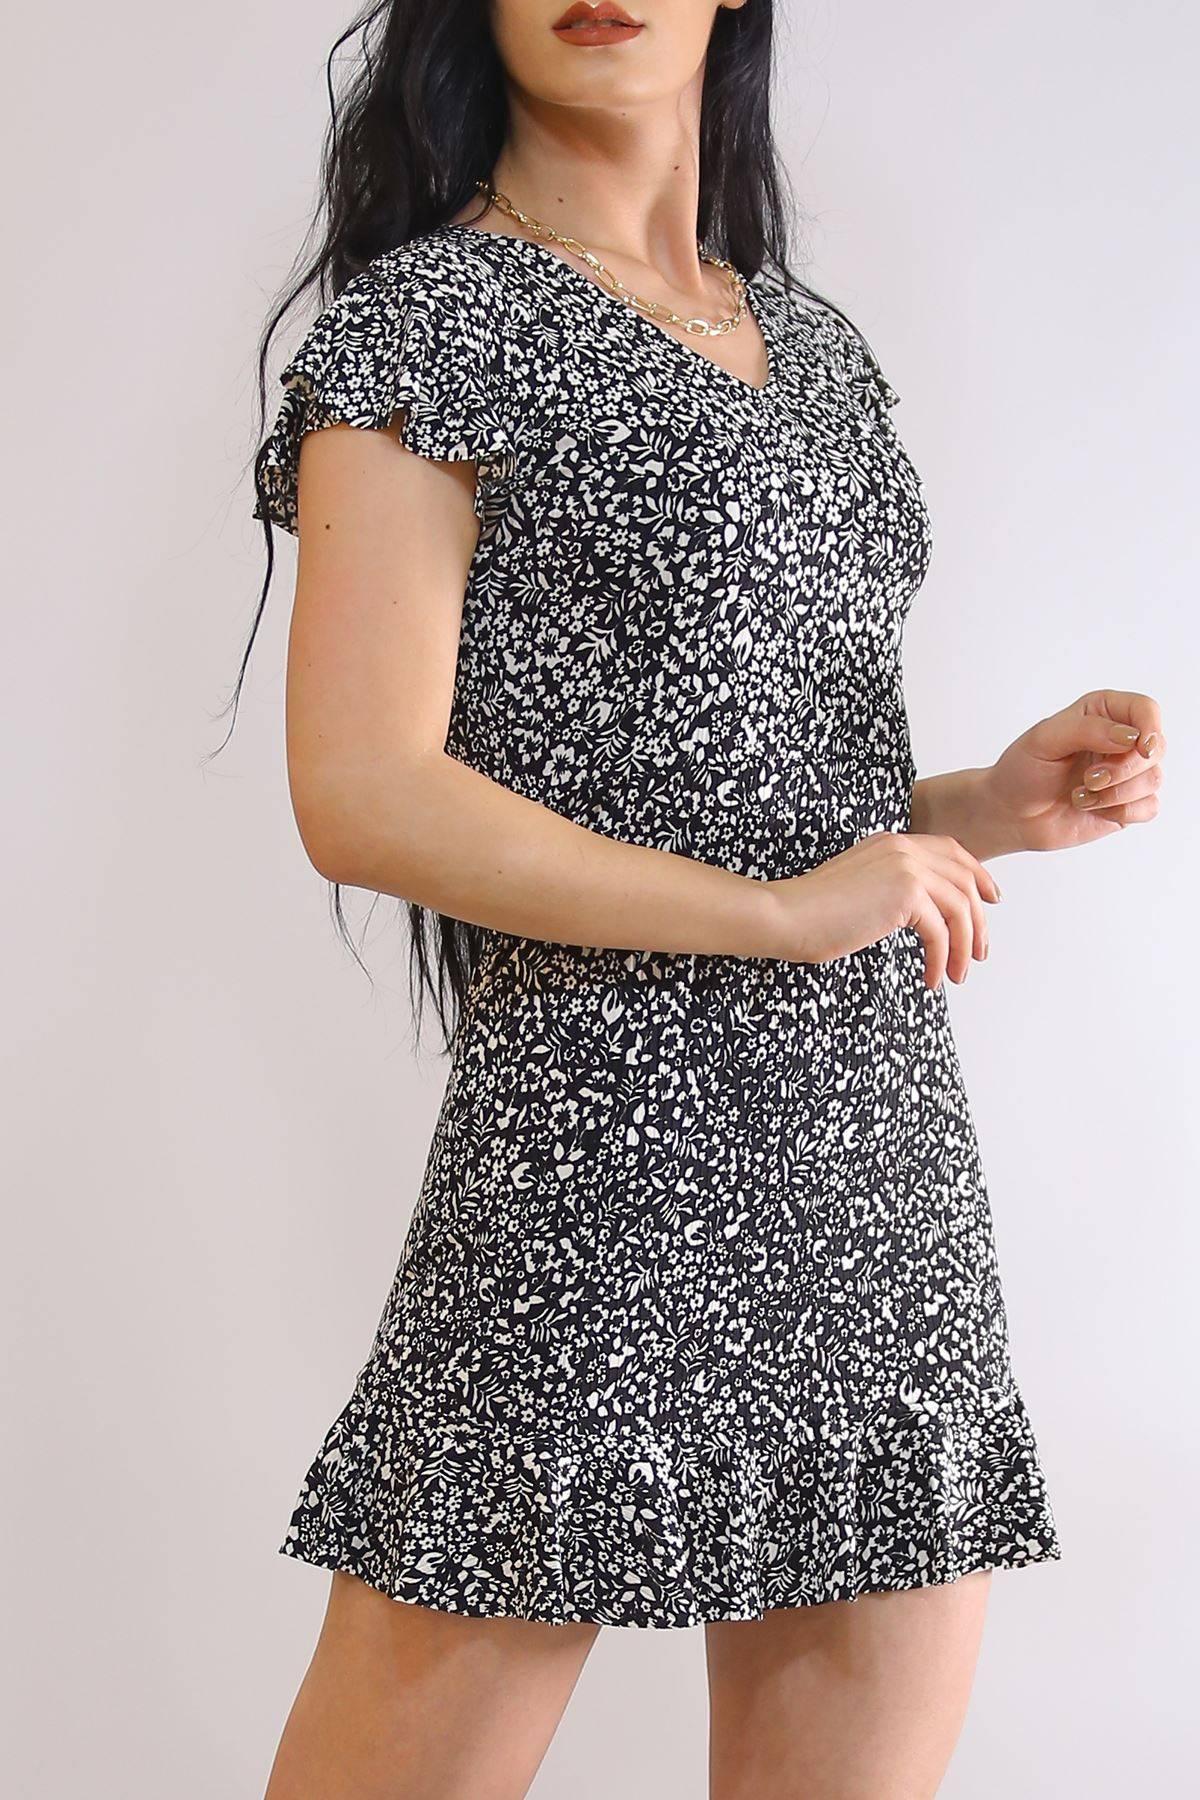 Altı Fırfırlı Elbise Beyazçiçekli - 2255.555.